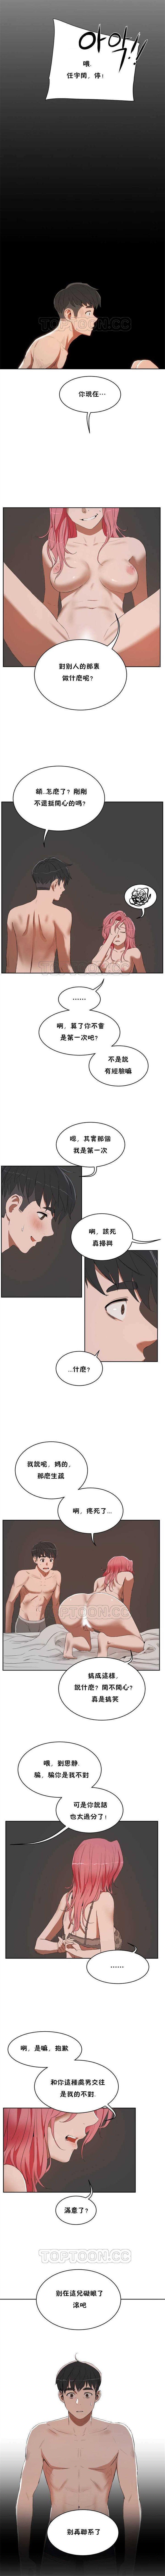 性教育 1-48.5 中文翻译(完結) 51